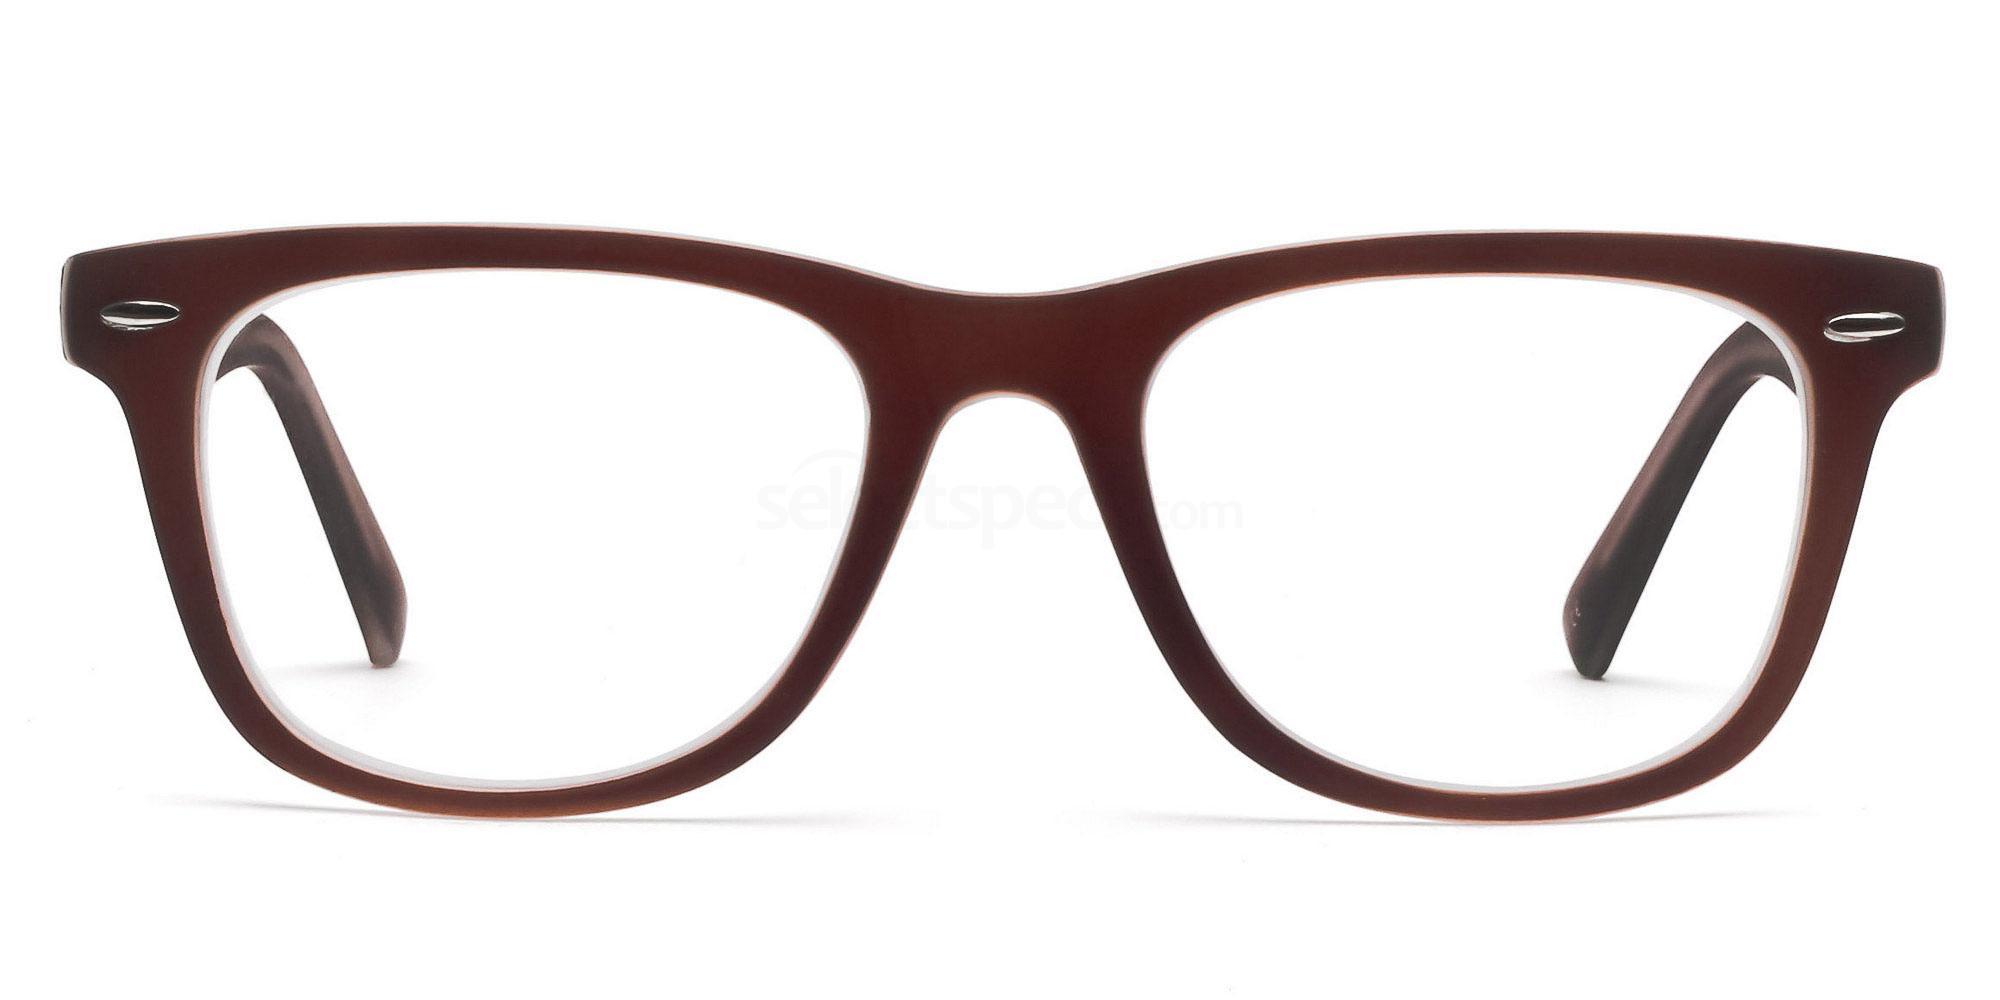 C8 8121 - Brown Glasses, Savannah